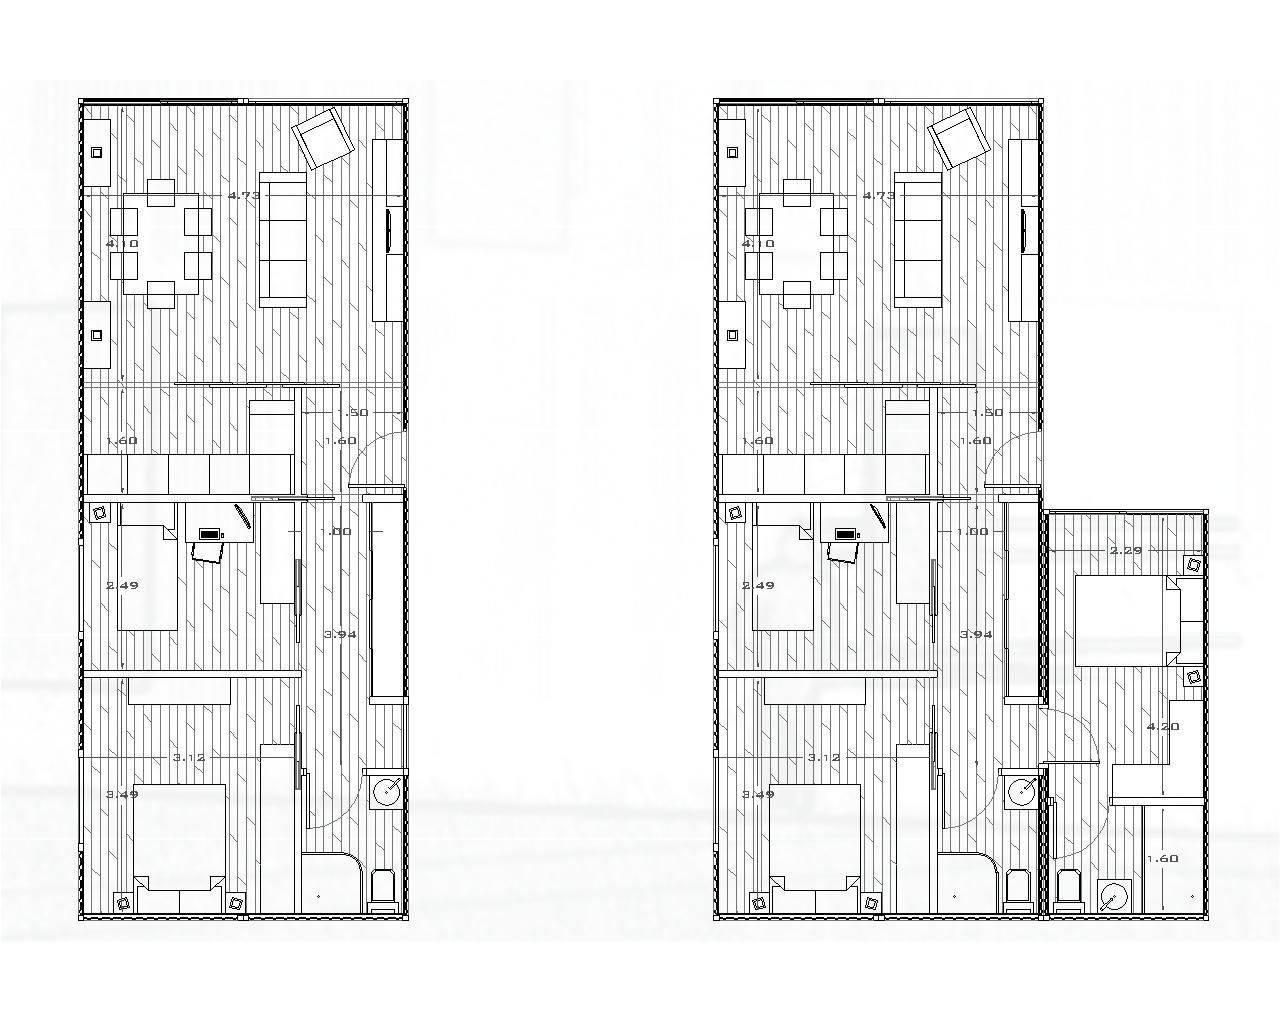 Tercera piel contenedores habitables distribuciones de viviendas contenedor 13 - Viviendas de contenedores ...